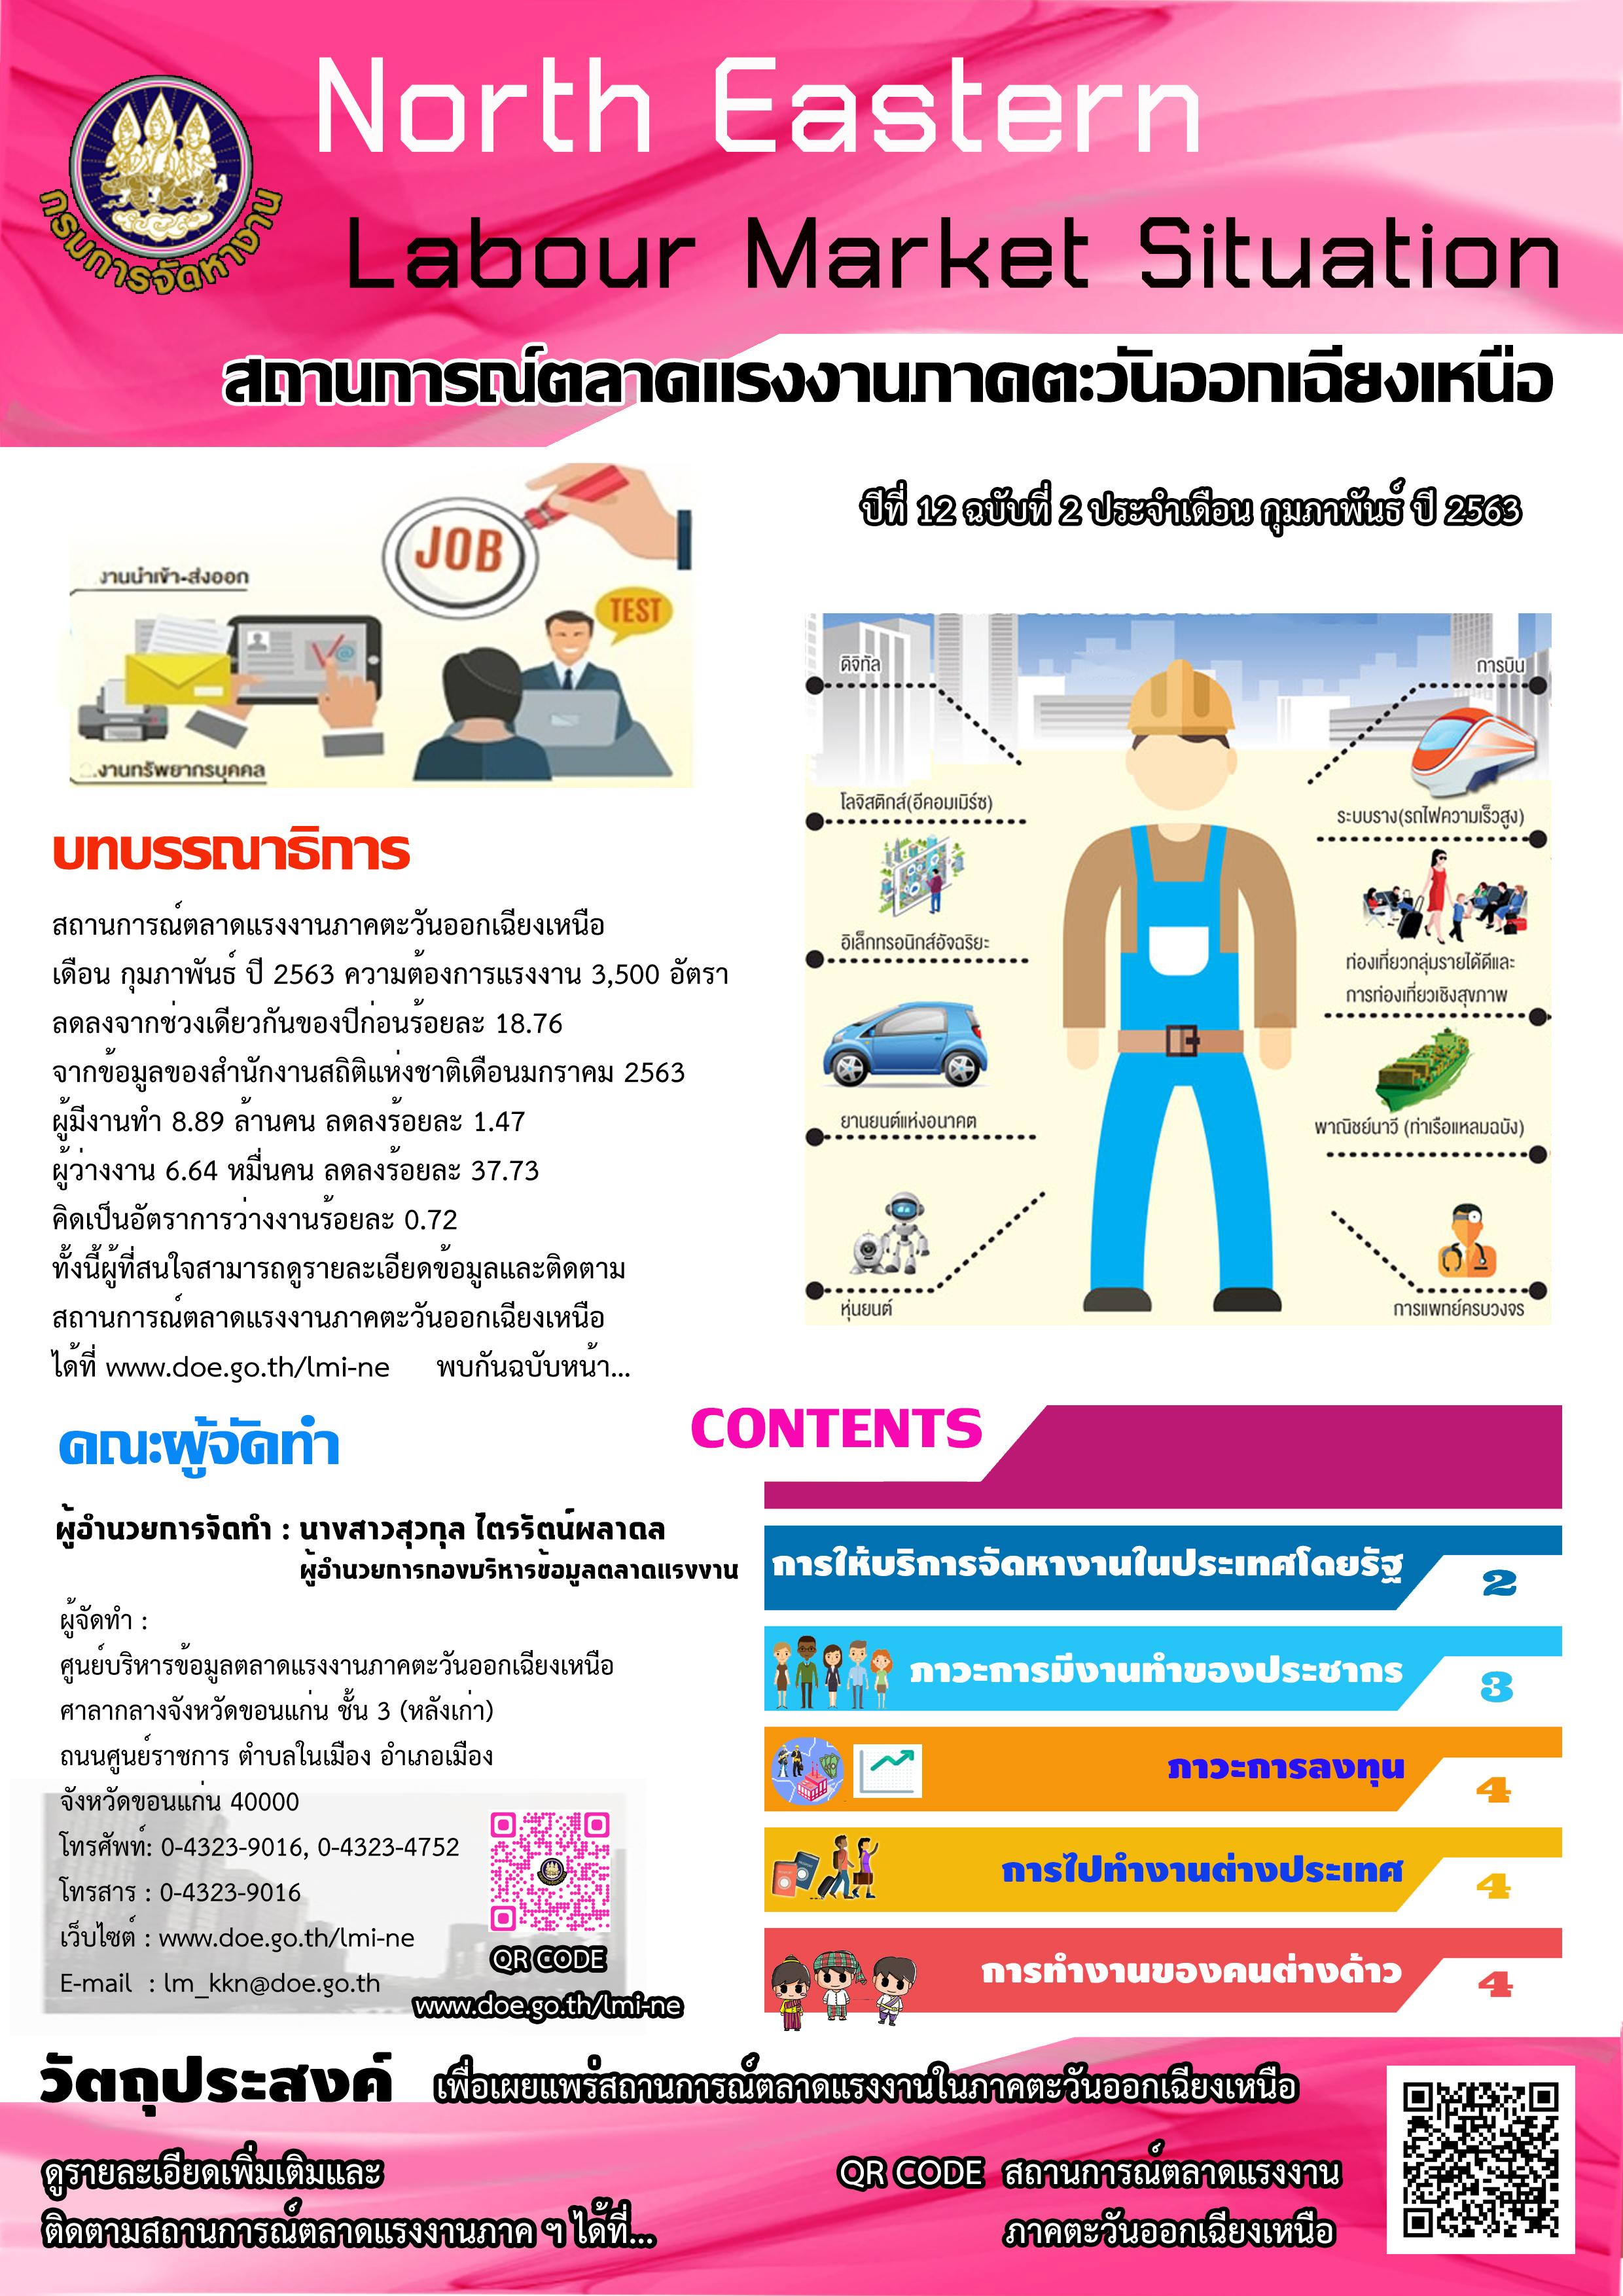 สถานการณ์ตลาดแรงงานภาค ฯ เดือนกุมภาพันธ์ 2563 Infographic